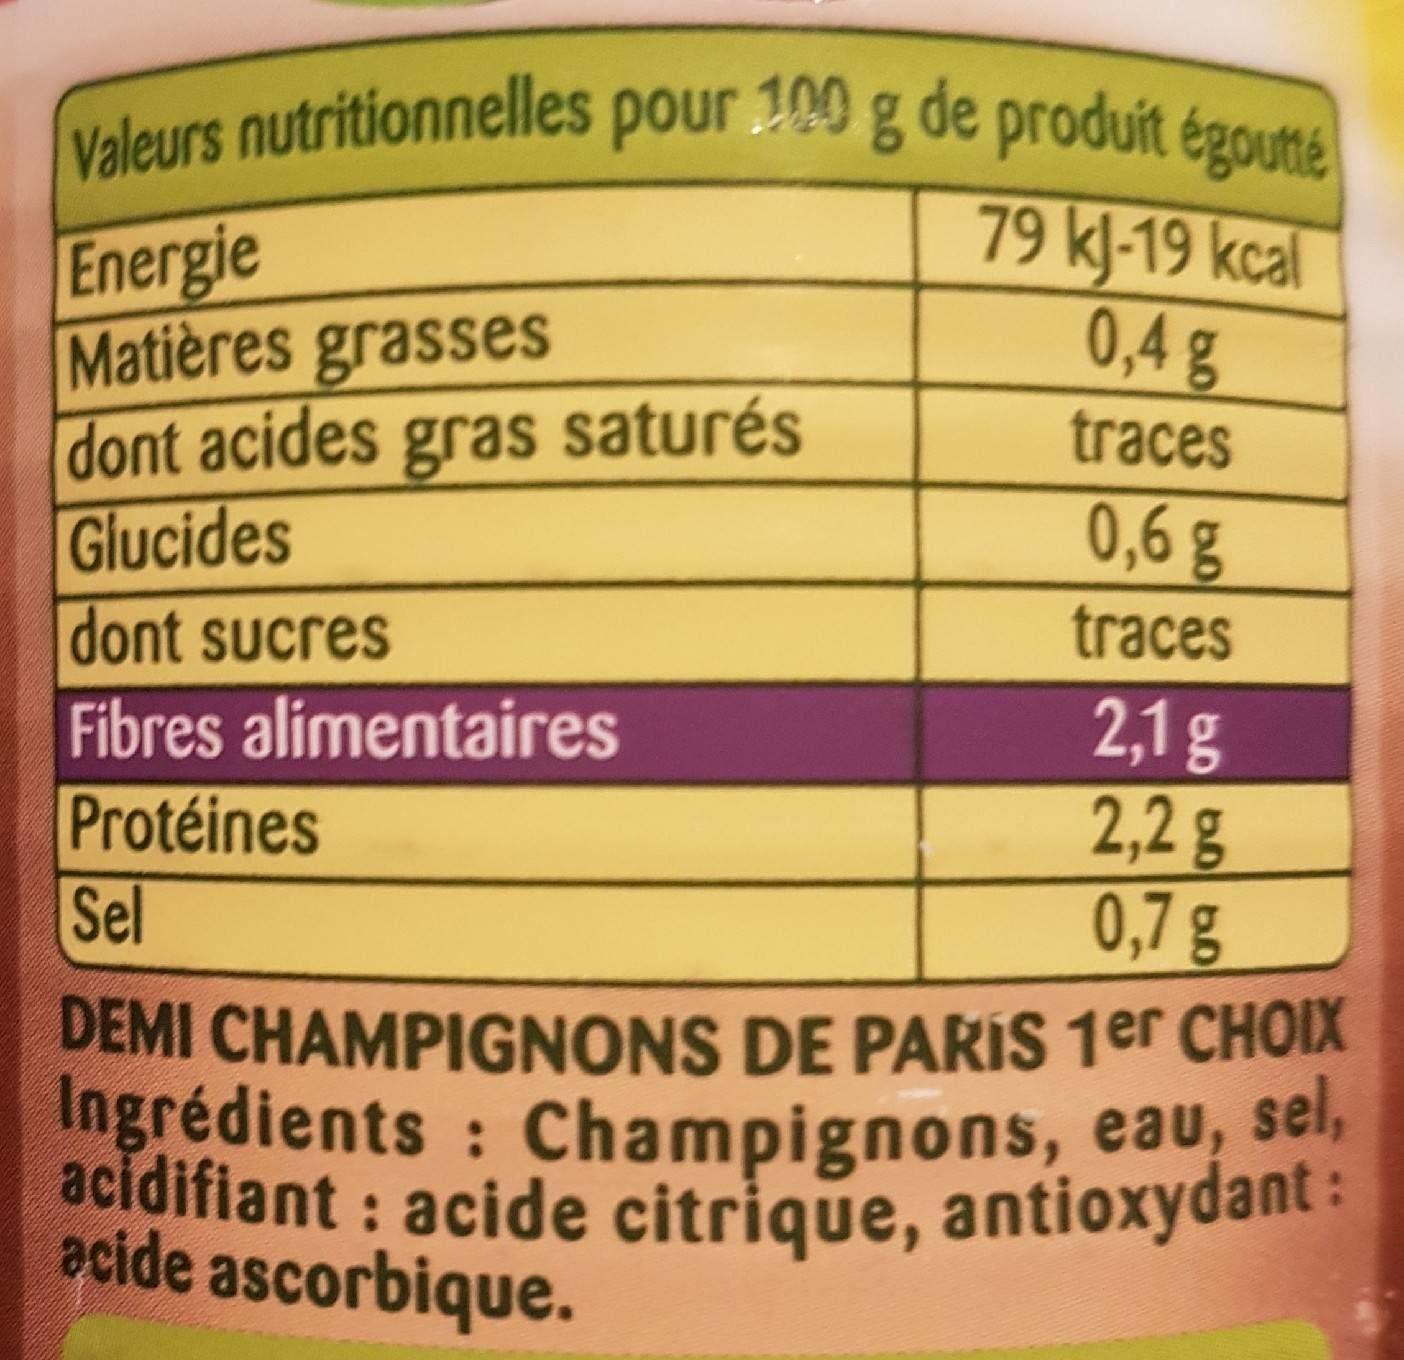 , Demi champignons de Paris, 230 g net égoutté - Informations nutritionnelles - fr